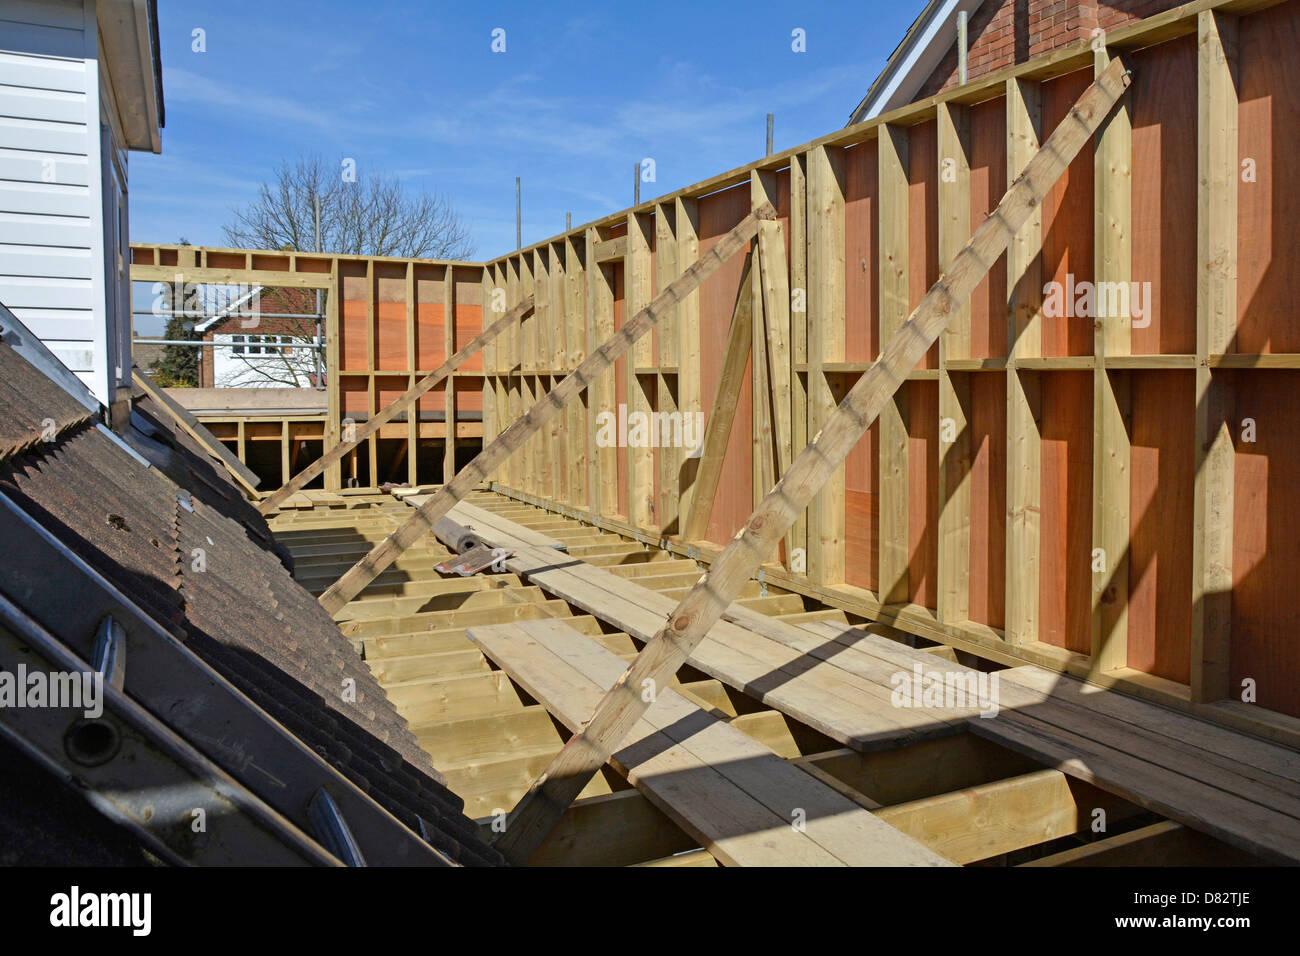 Chalet nuevo dormitorio primer piso extensión vigueta y marcos de ...